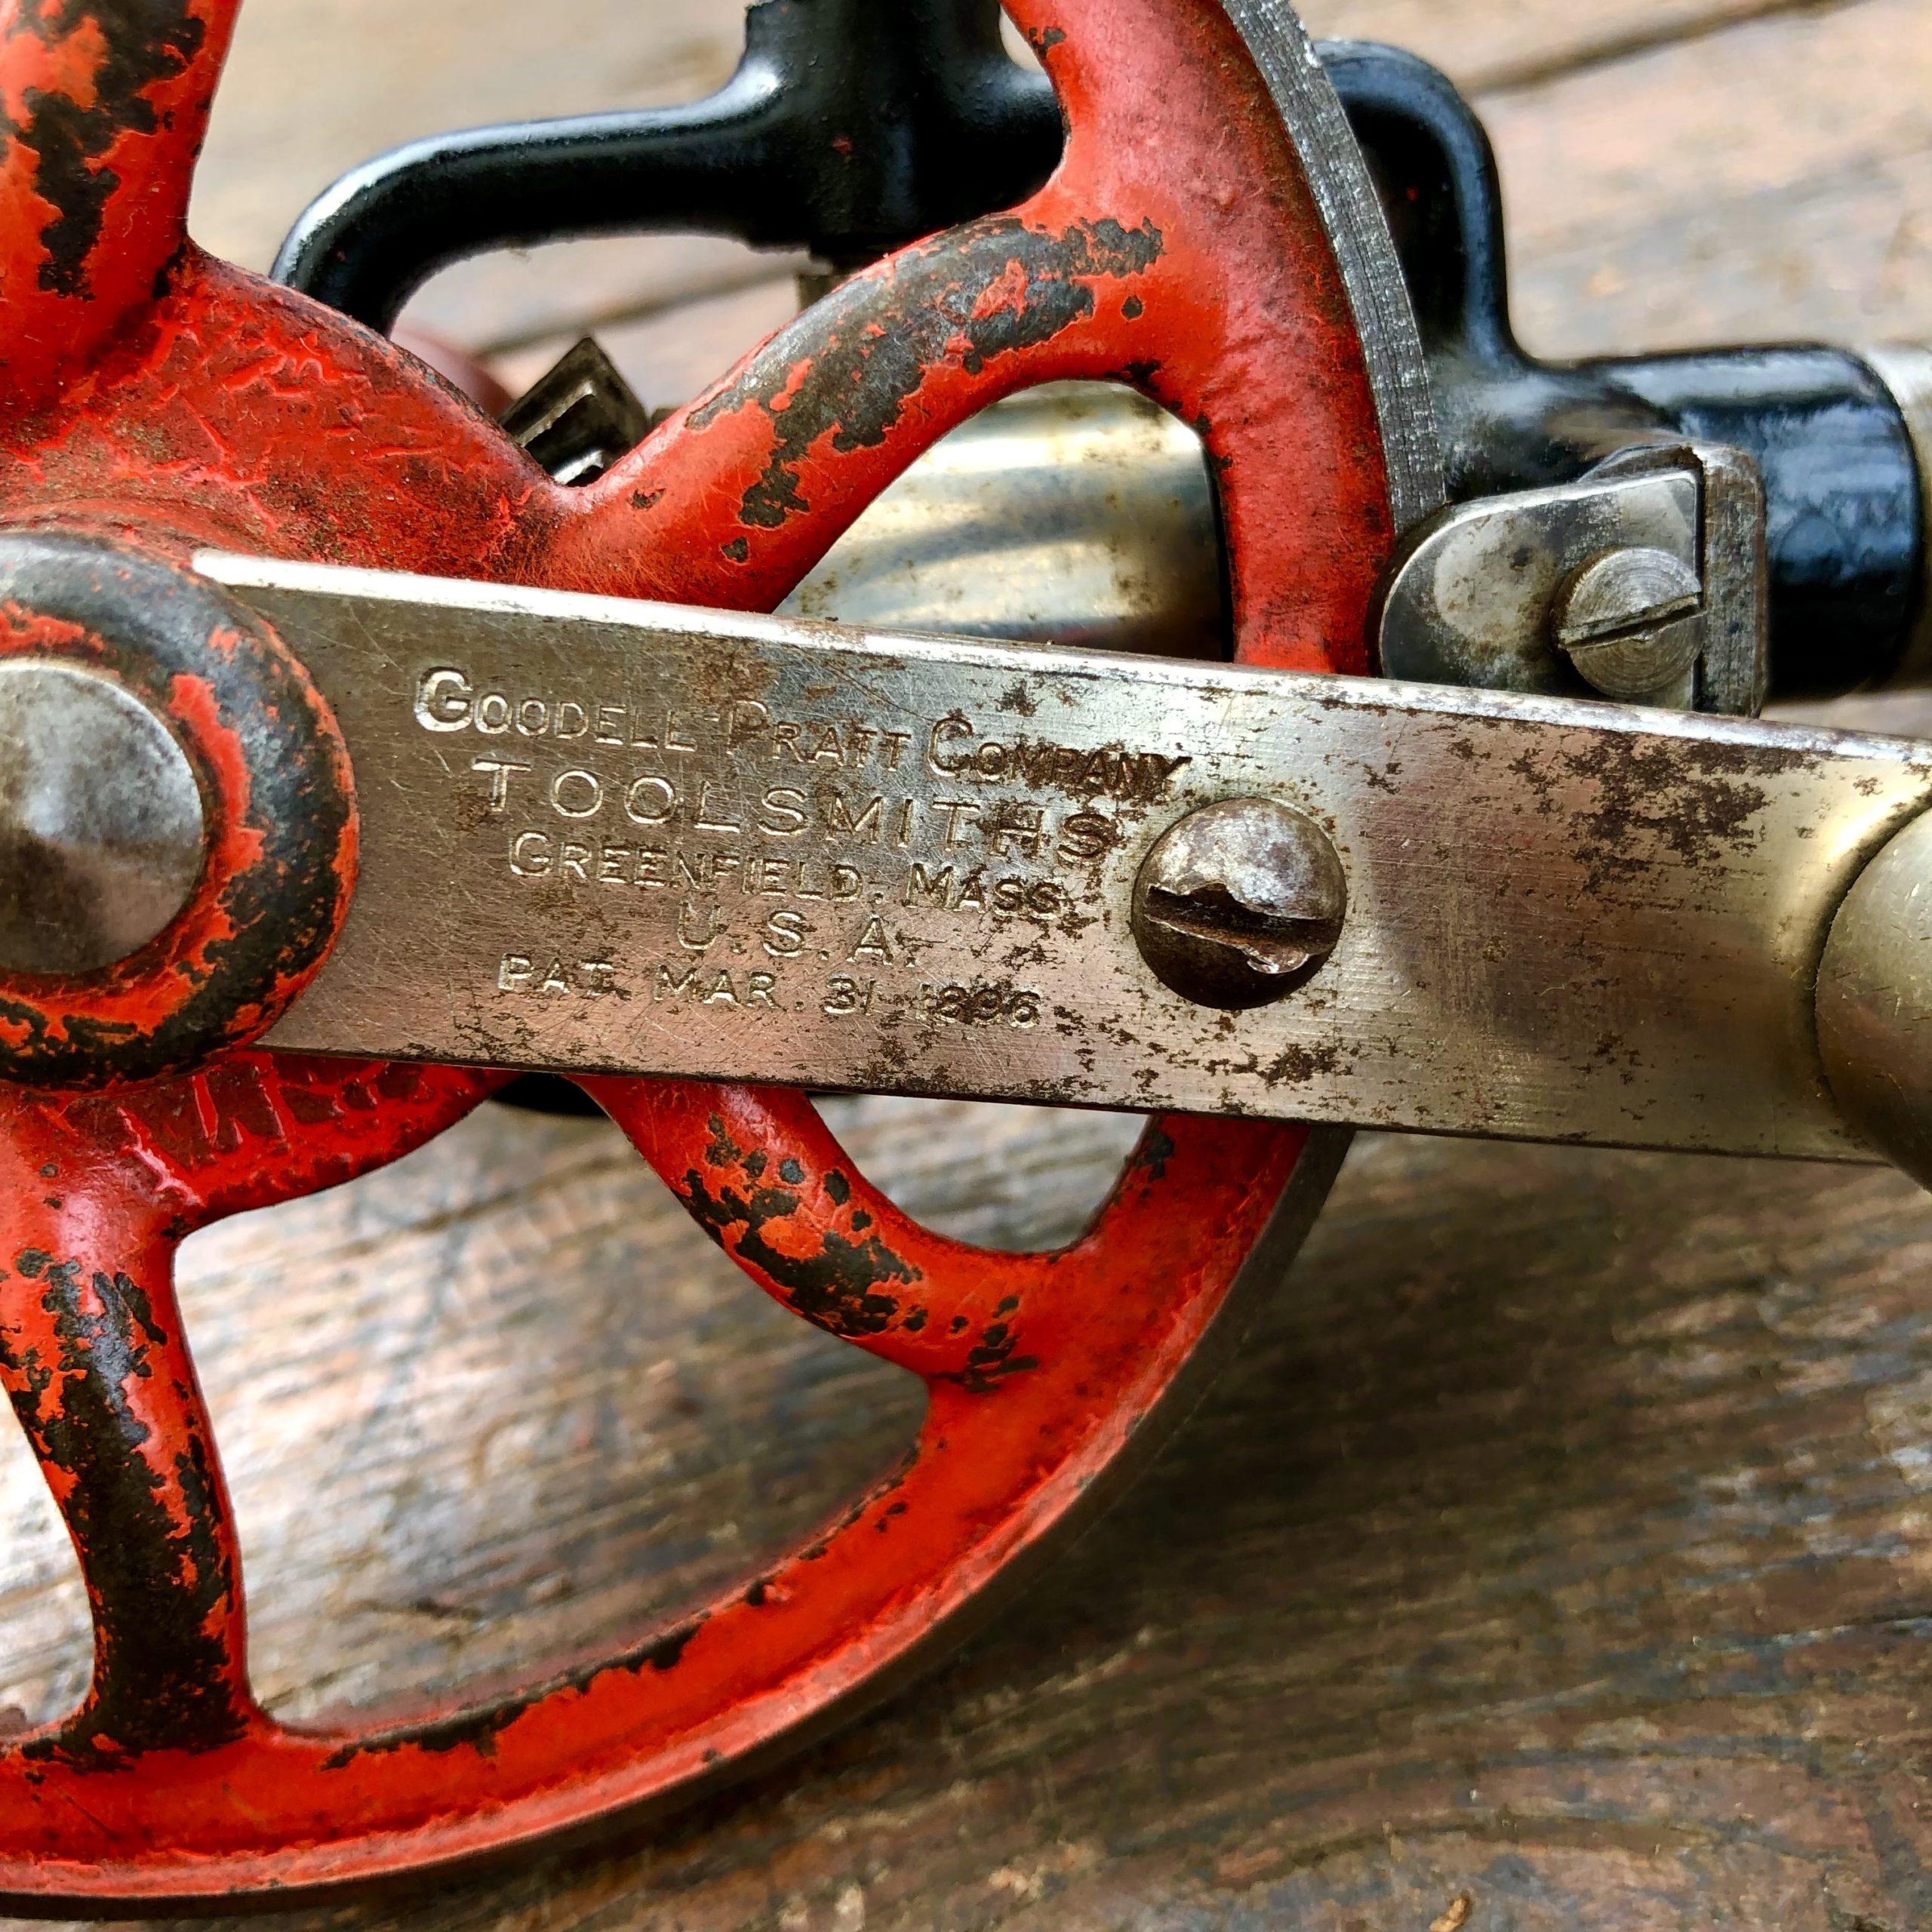 Goodell Pratt 5 1/2B Hand Drill